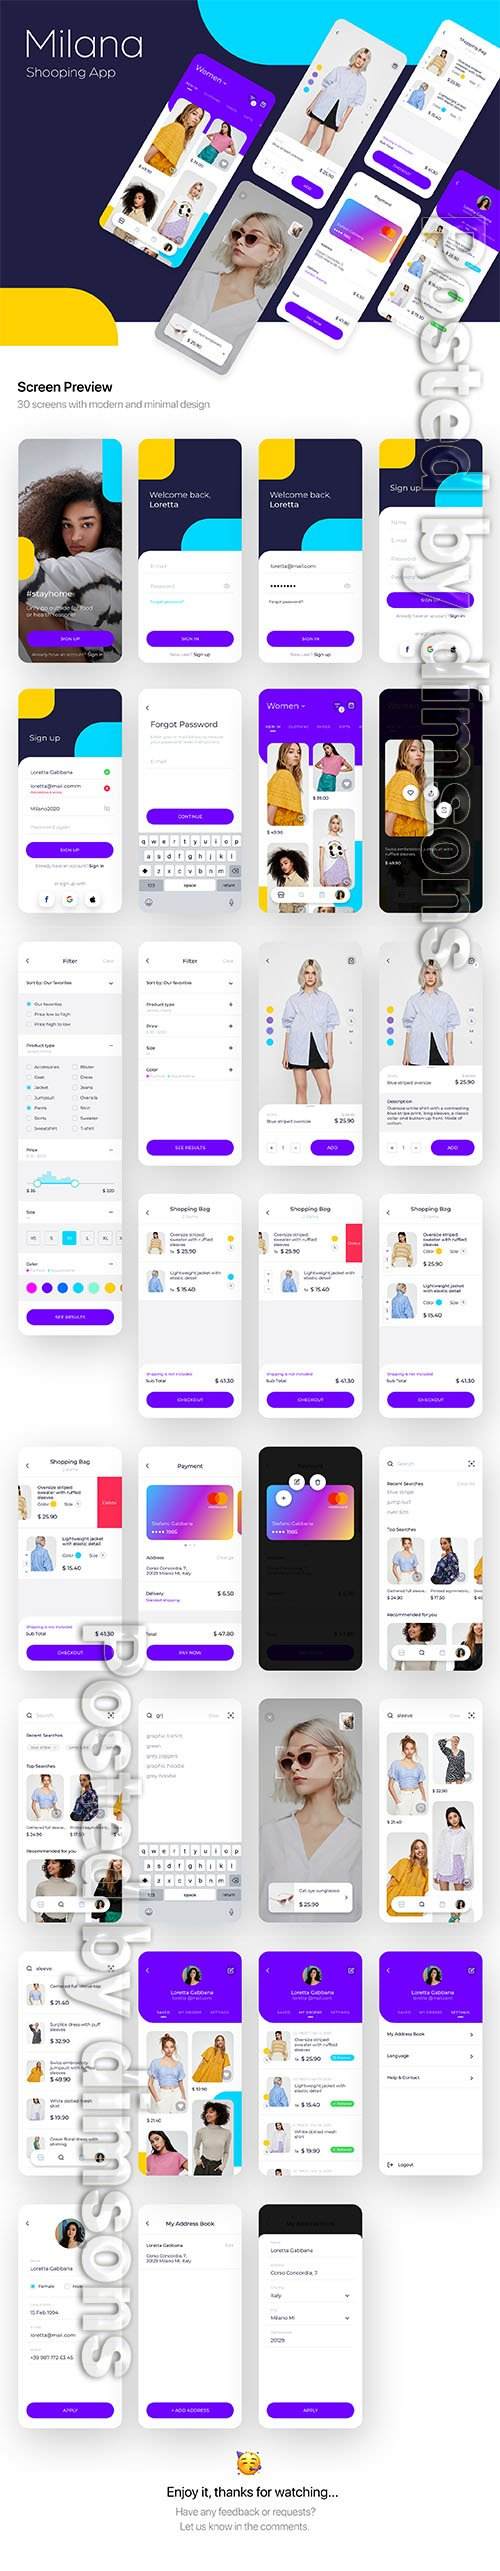 Milana Shopping App UI Kit